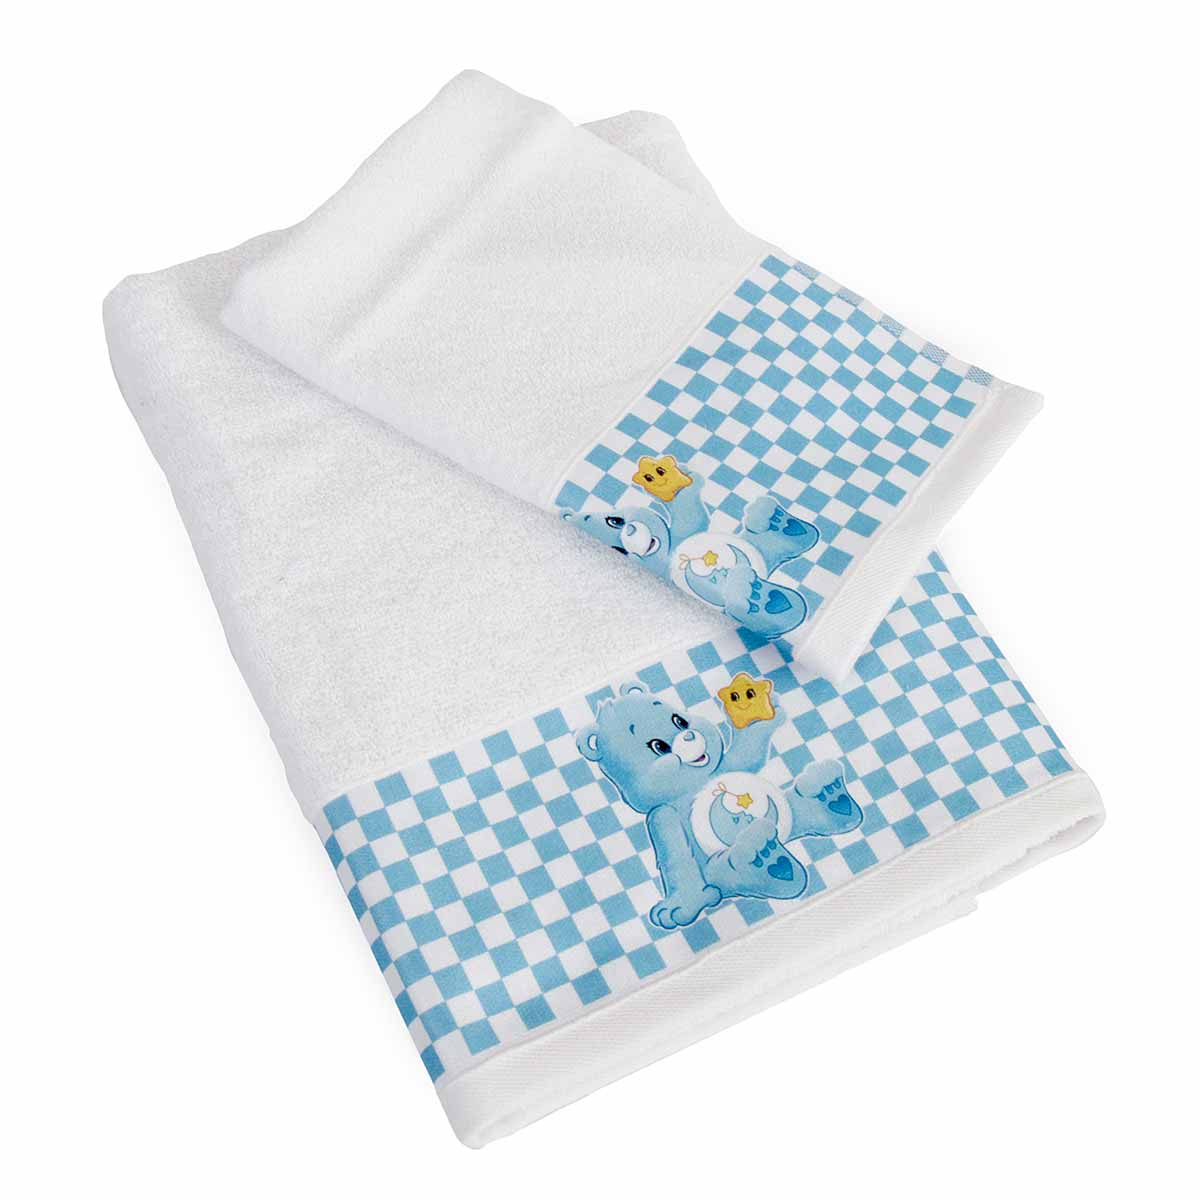 Βρεφικές Πετσέτες (Σετ 2τμχ) Dimcol Baby Bear 81 Λευκό